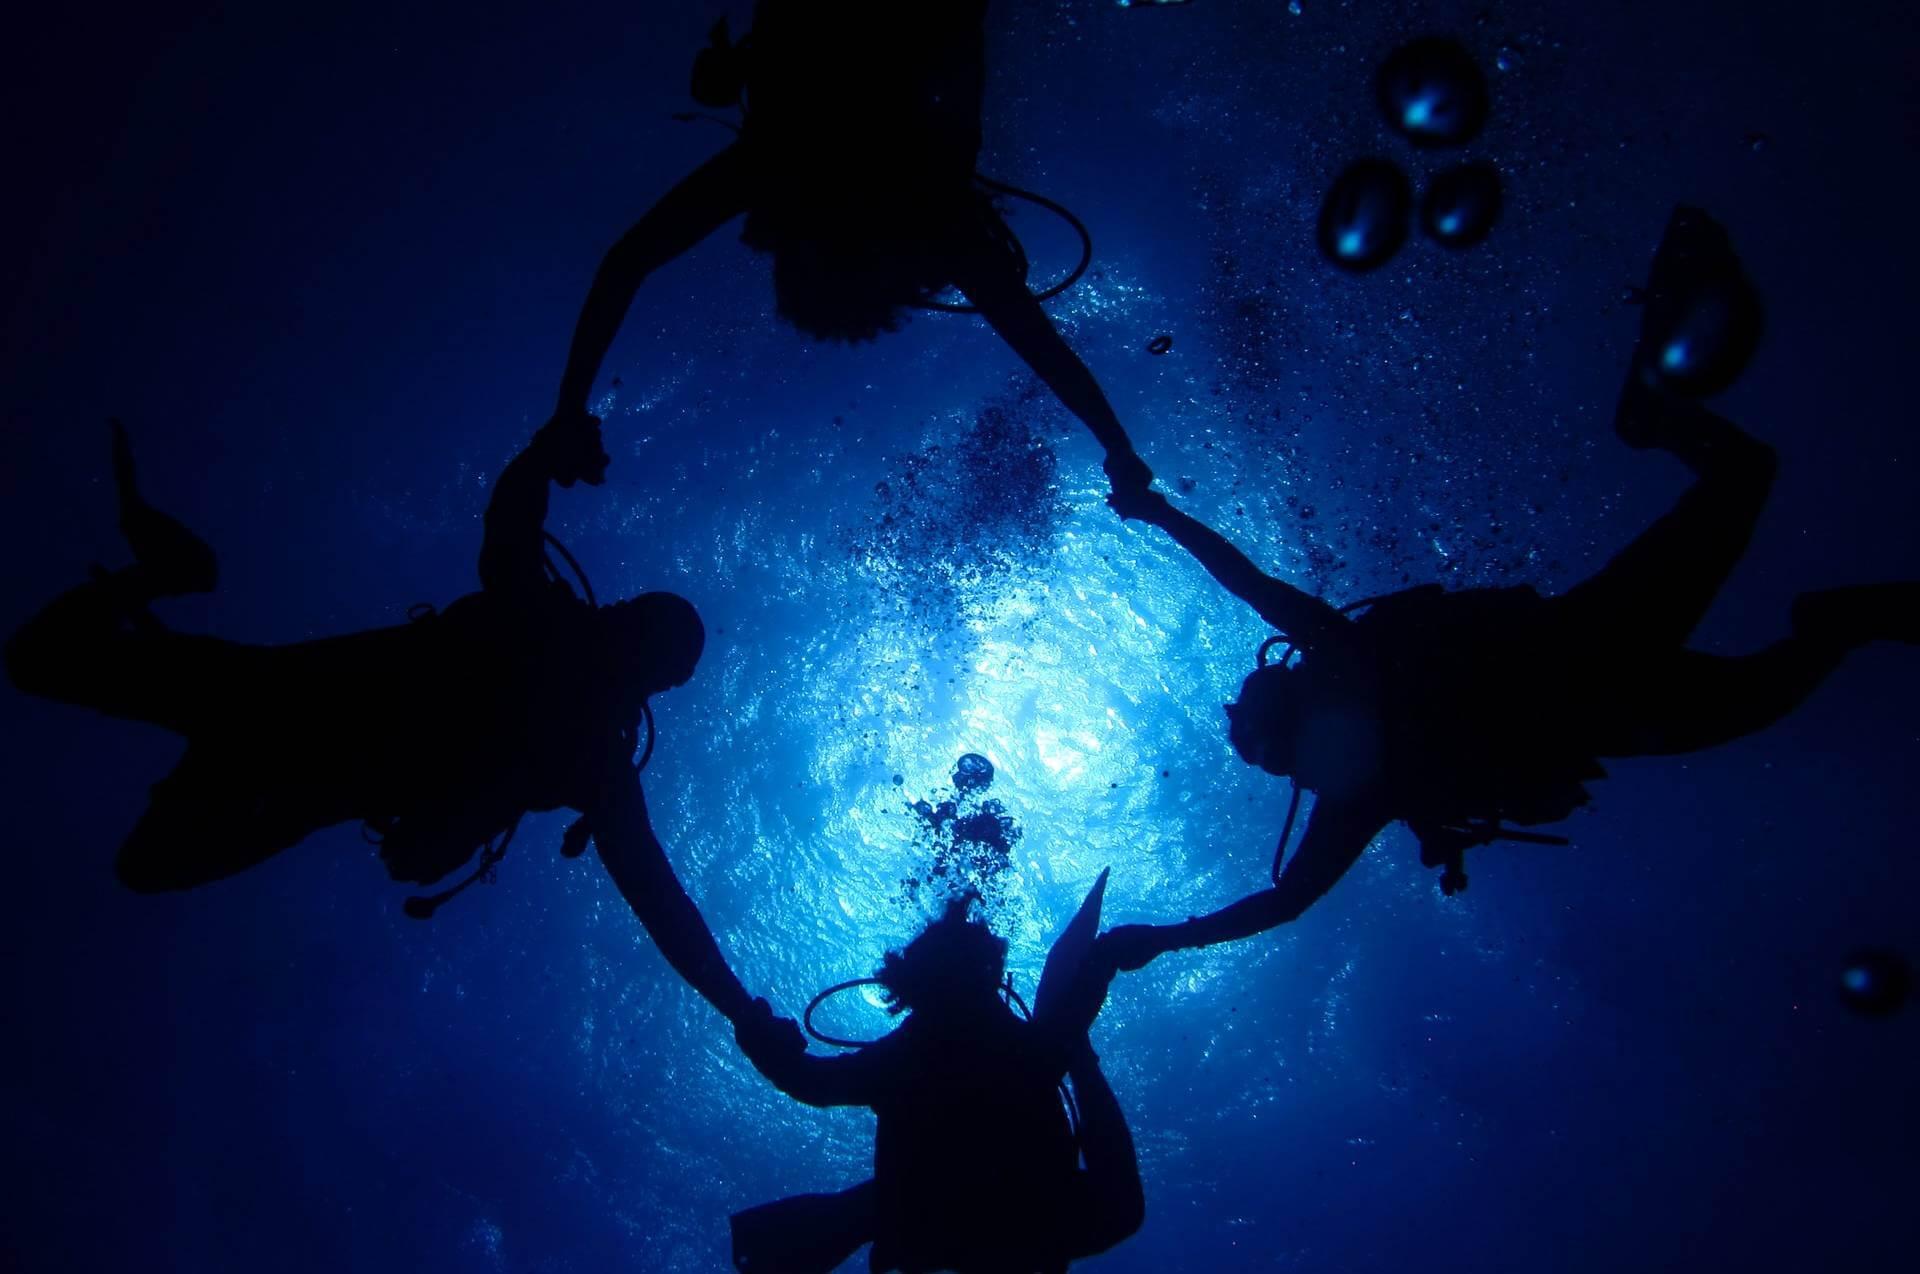 scuba divers swimming